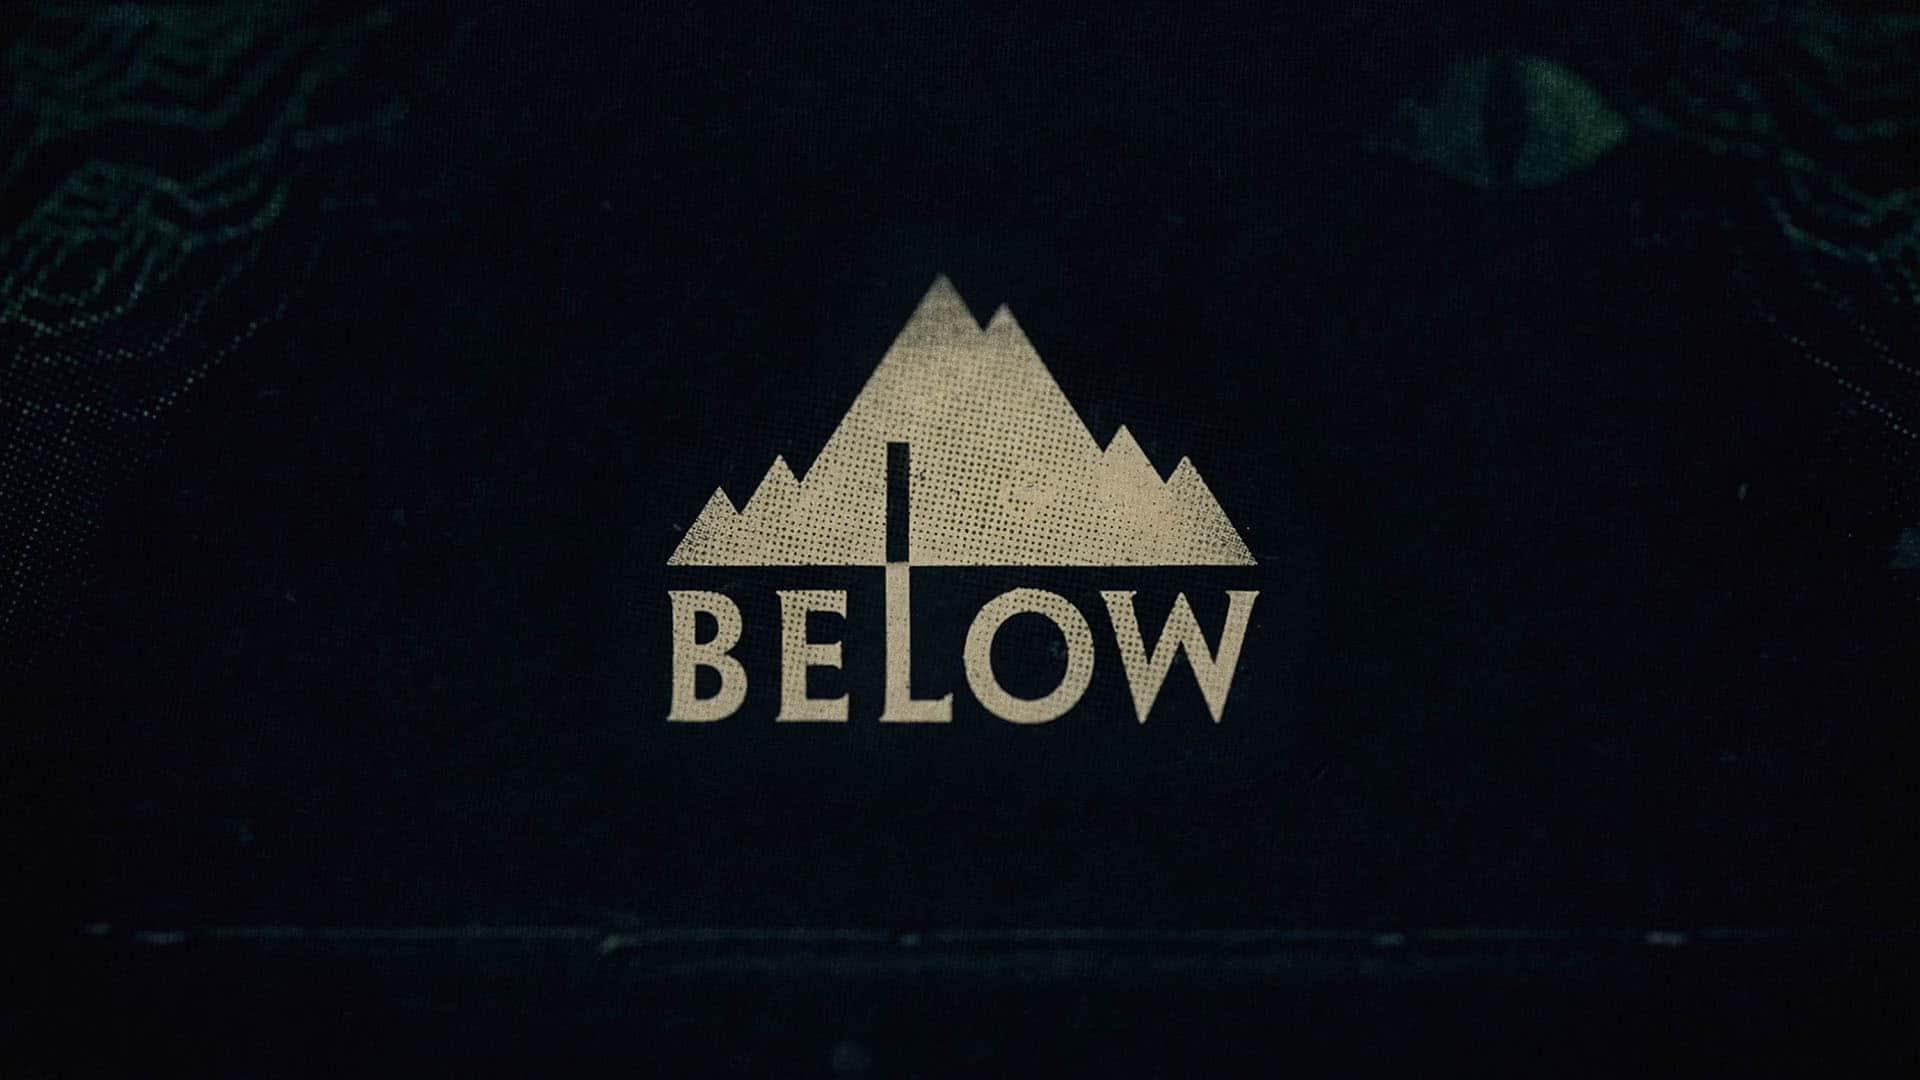 Logo di Below - Cory Schmitz